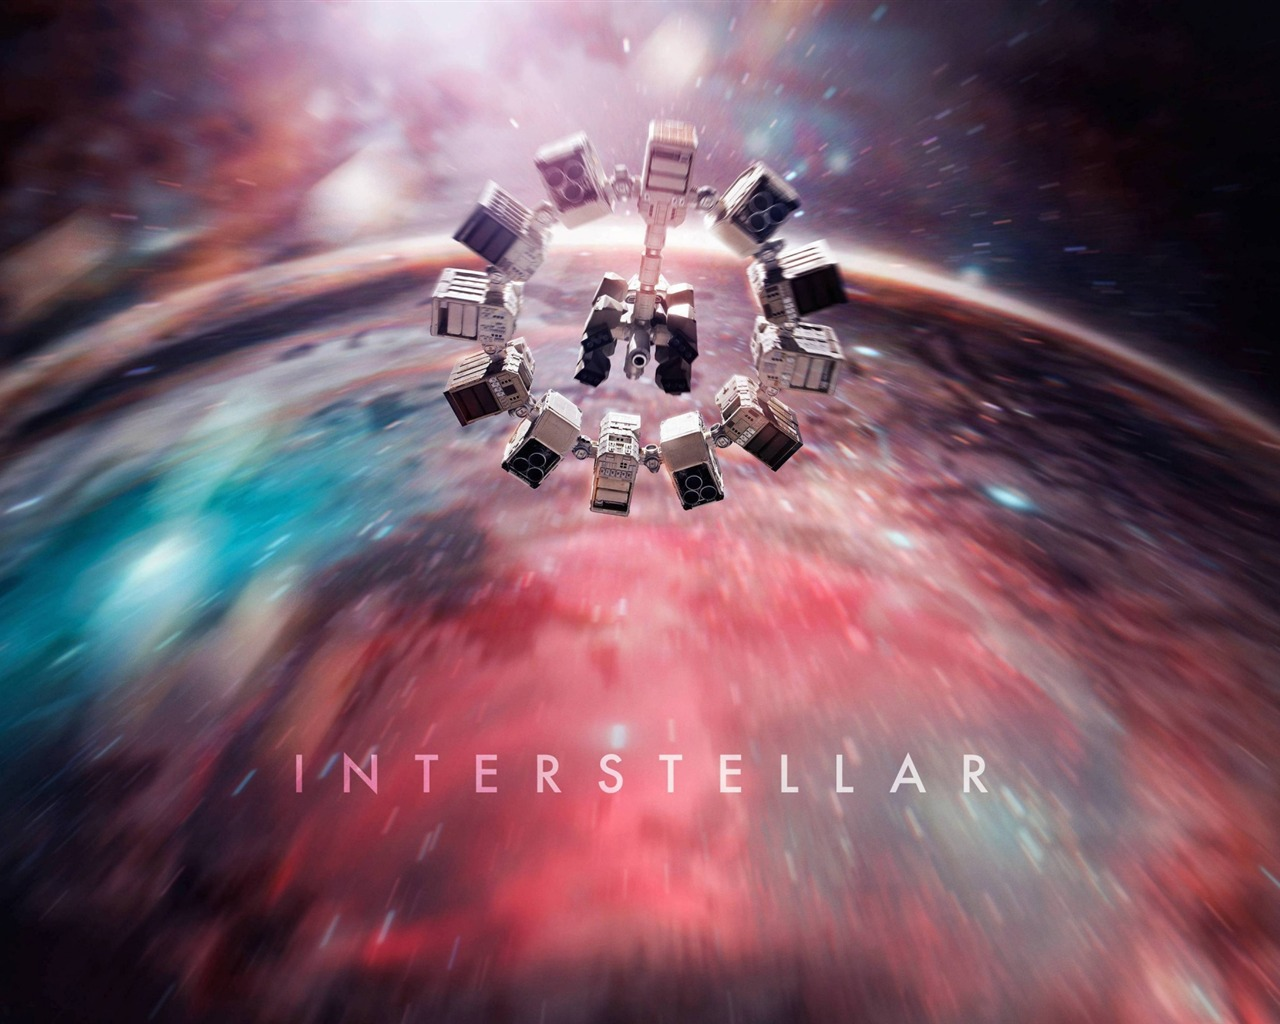 绯闻_Interstellar Endurance星际穿越-最新电影壁纸预览 | 10wallpaper.com